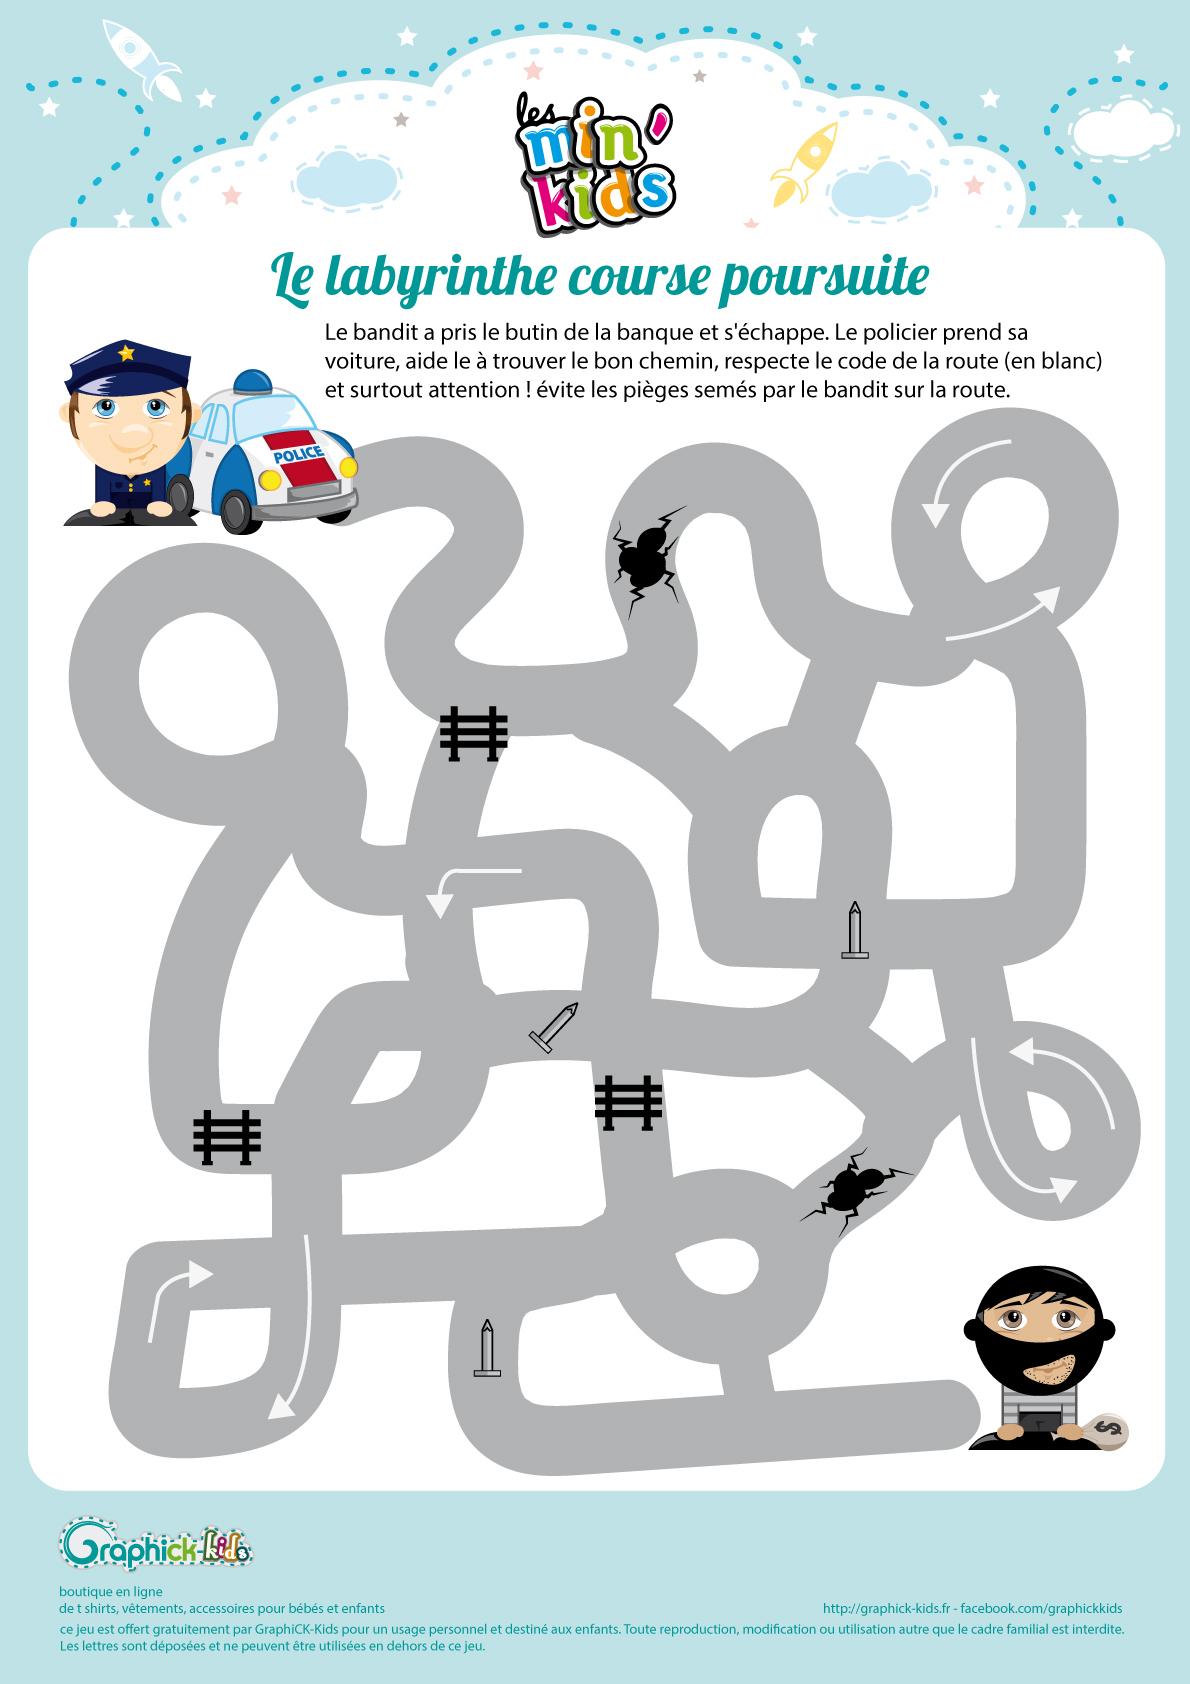 L'activité Du Mercredi : Le Labyrinthe Course Poursuite dedans Jeux De Course Pour Enfants